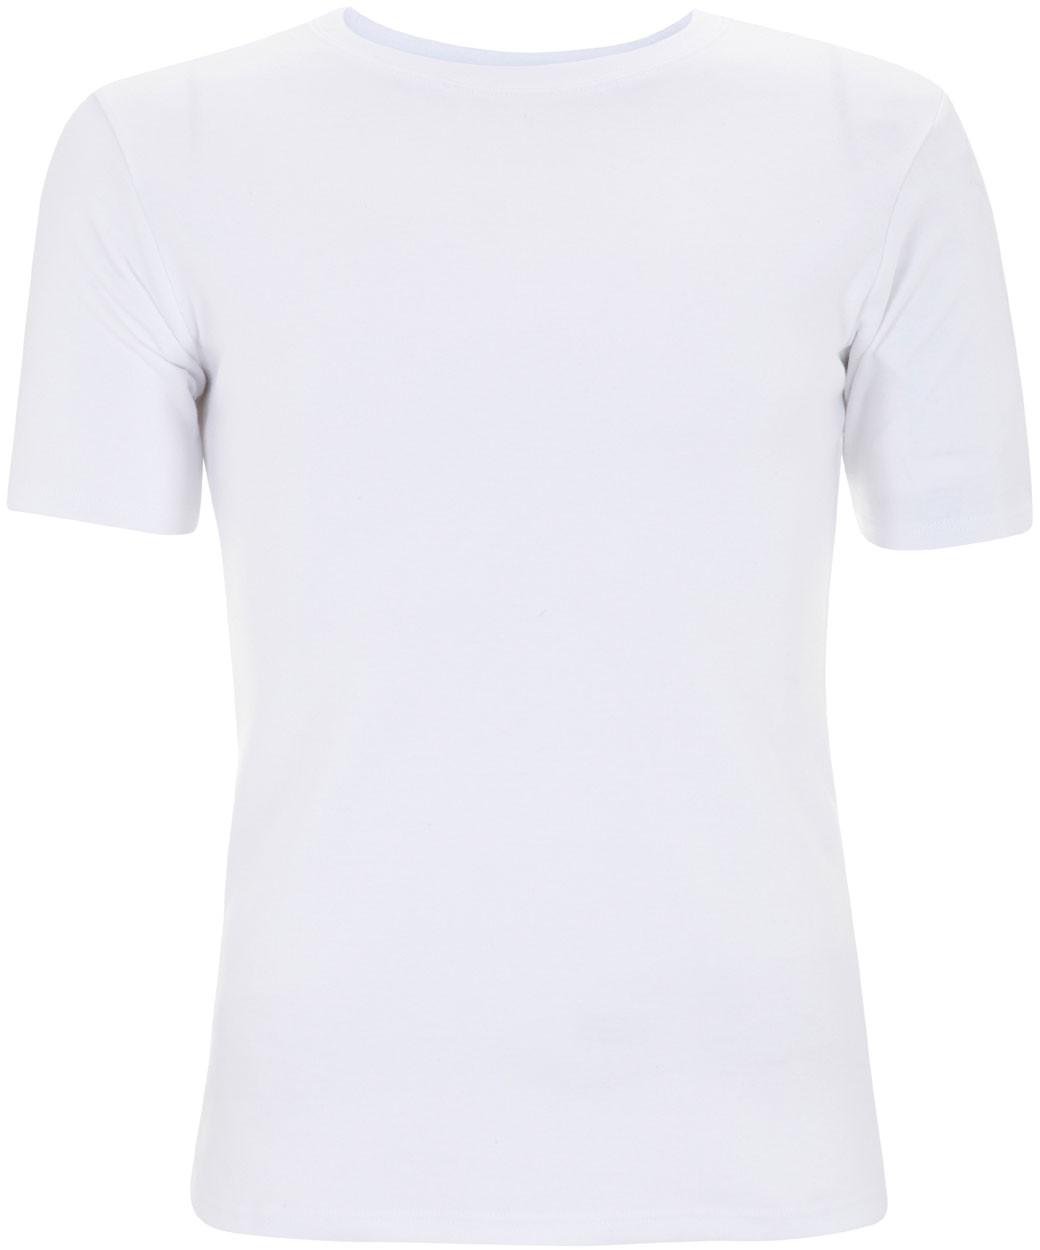 Unterziehshirts | Herren T-Shirts für drunter | grundstoff net